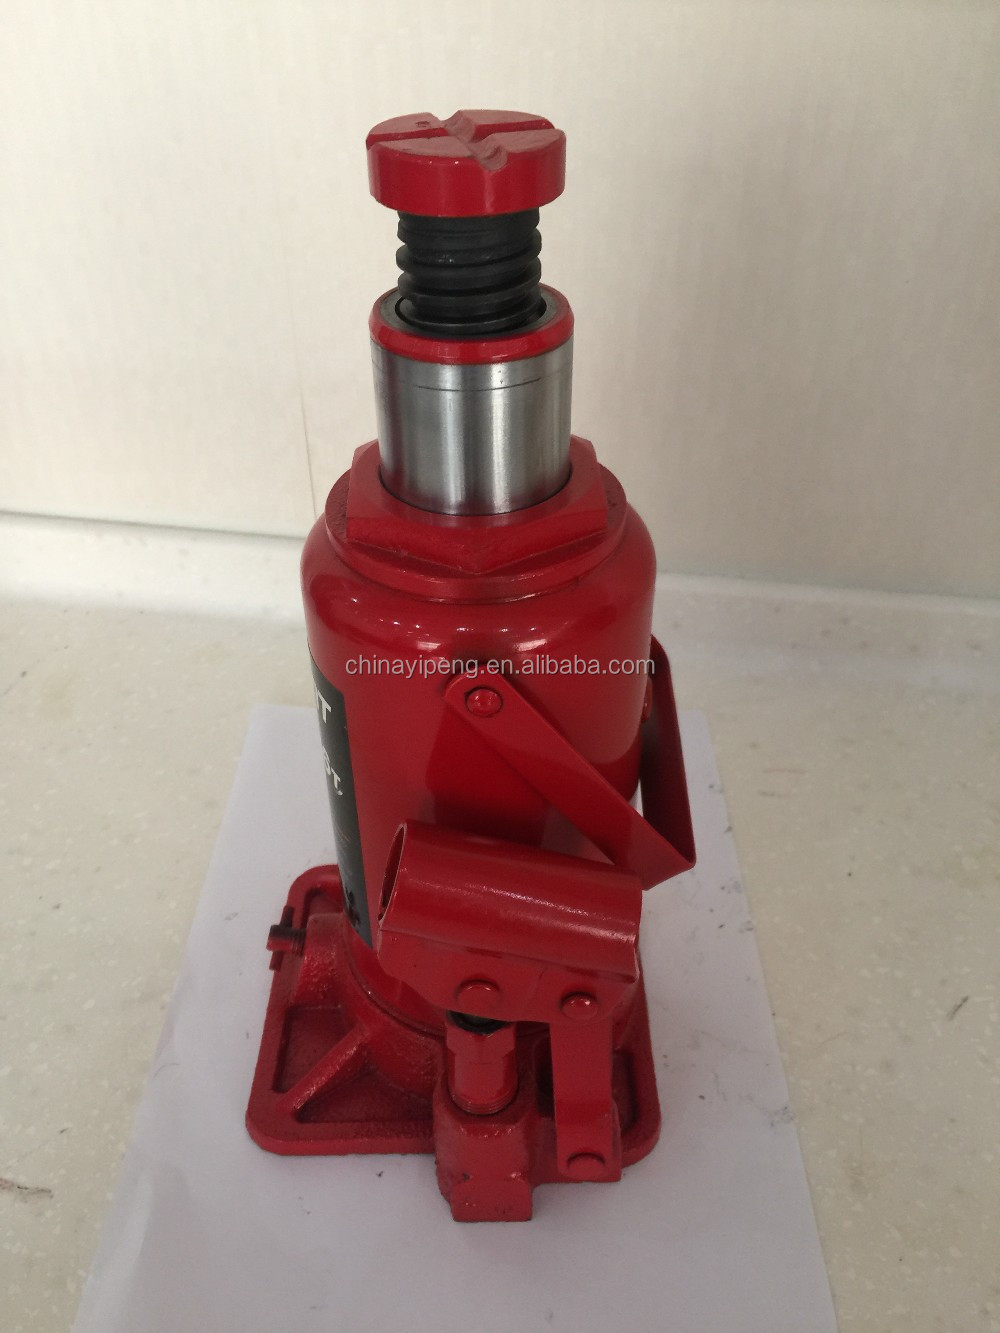 16Ton Lifting tools Hydraulic Bottle Jacks car jacks